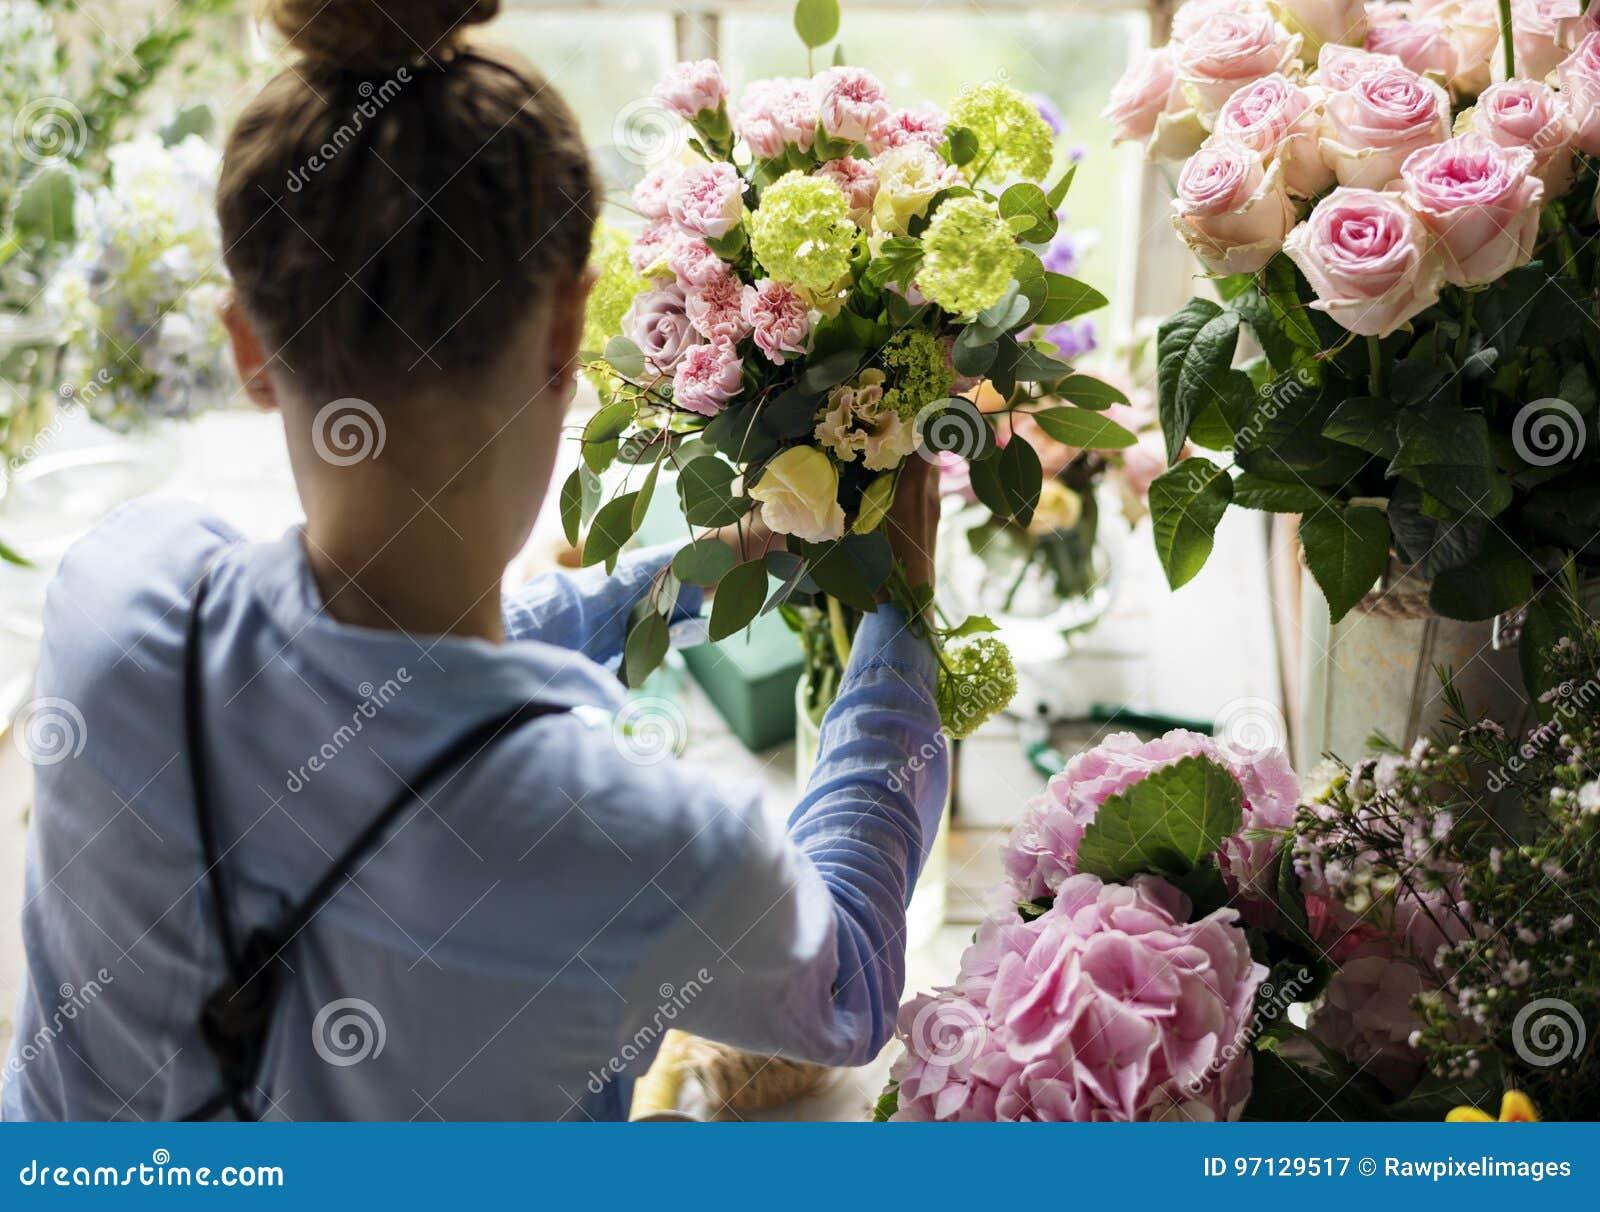 Florist Making Fresh Flowers Bouquet Arrangement Stock Image Image